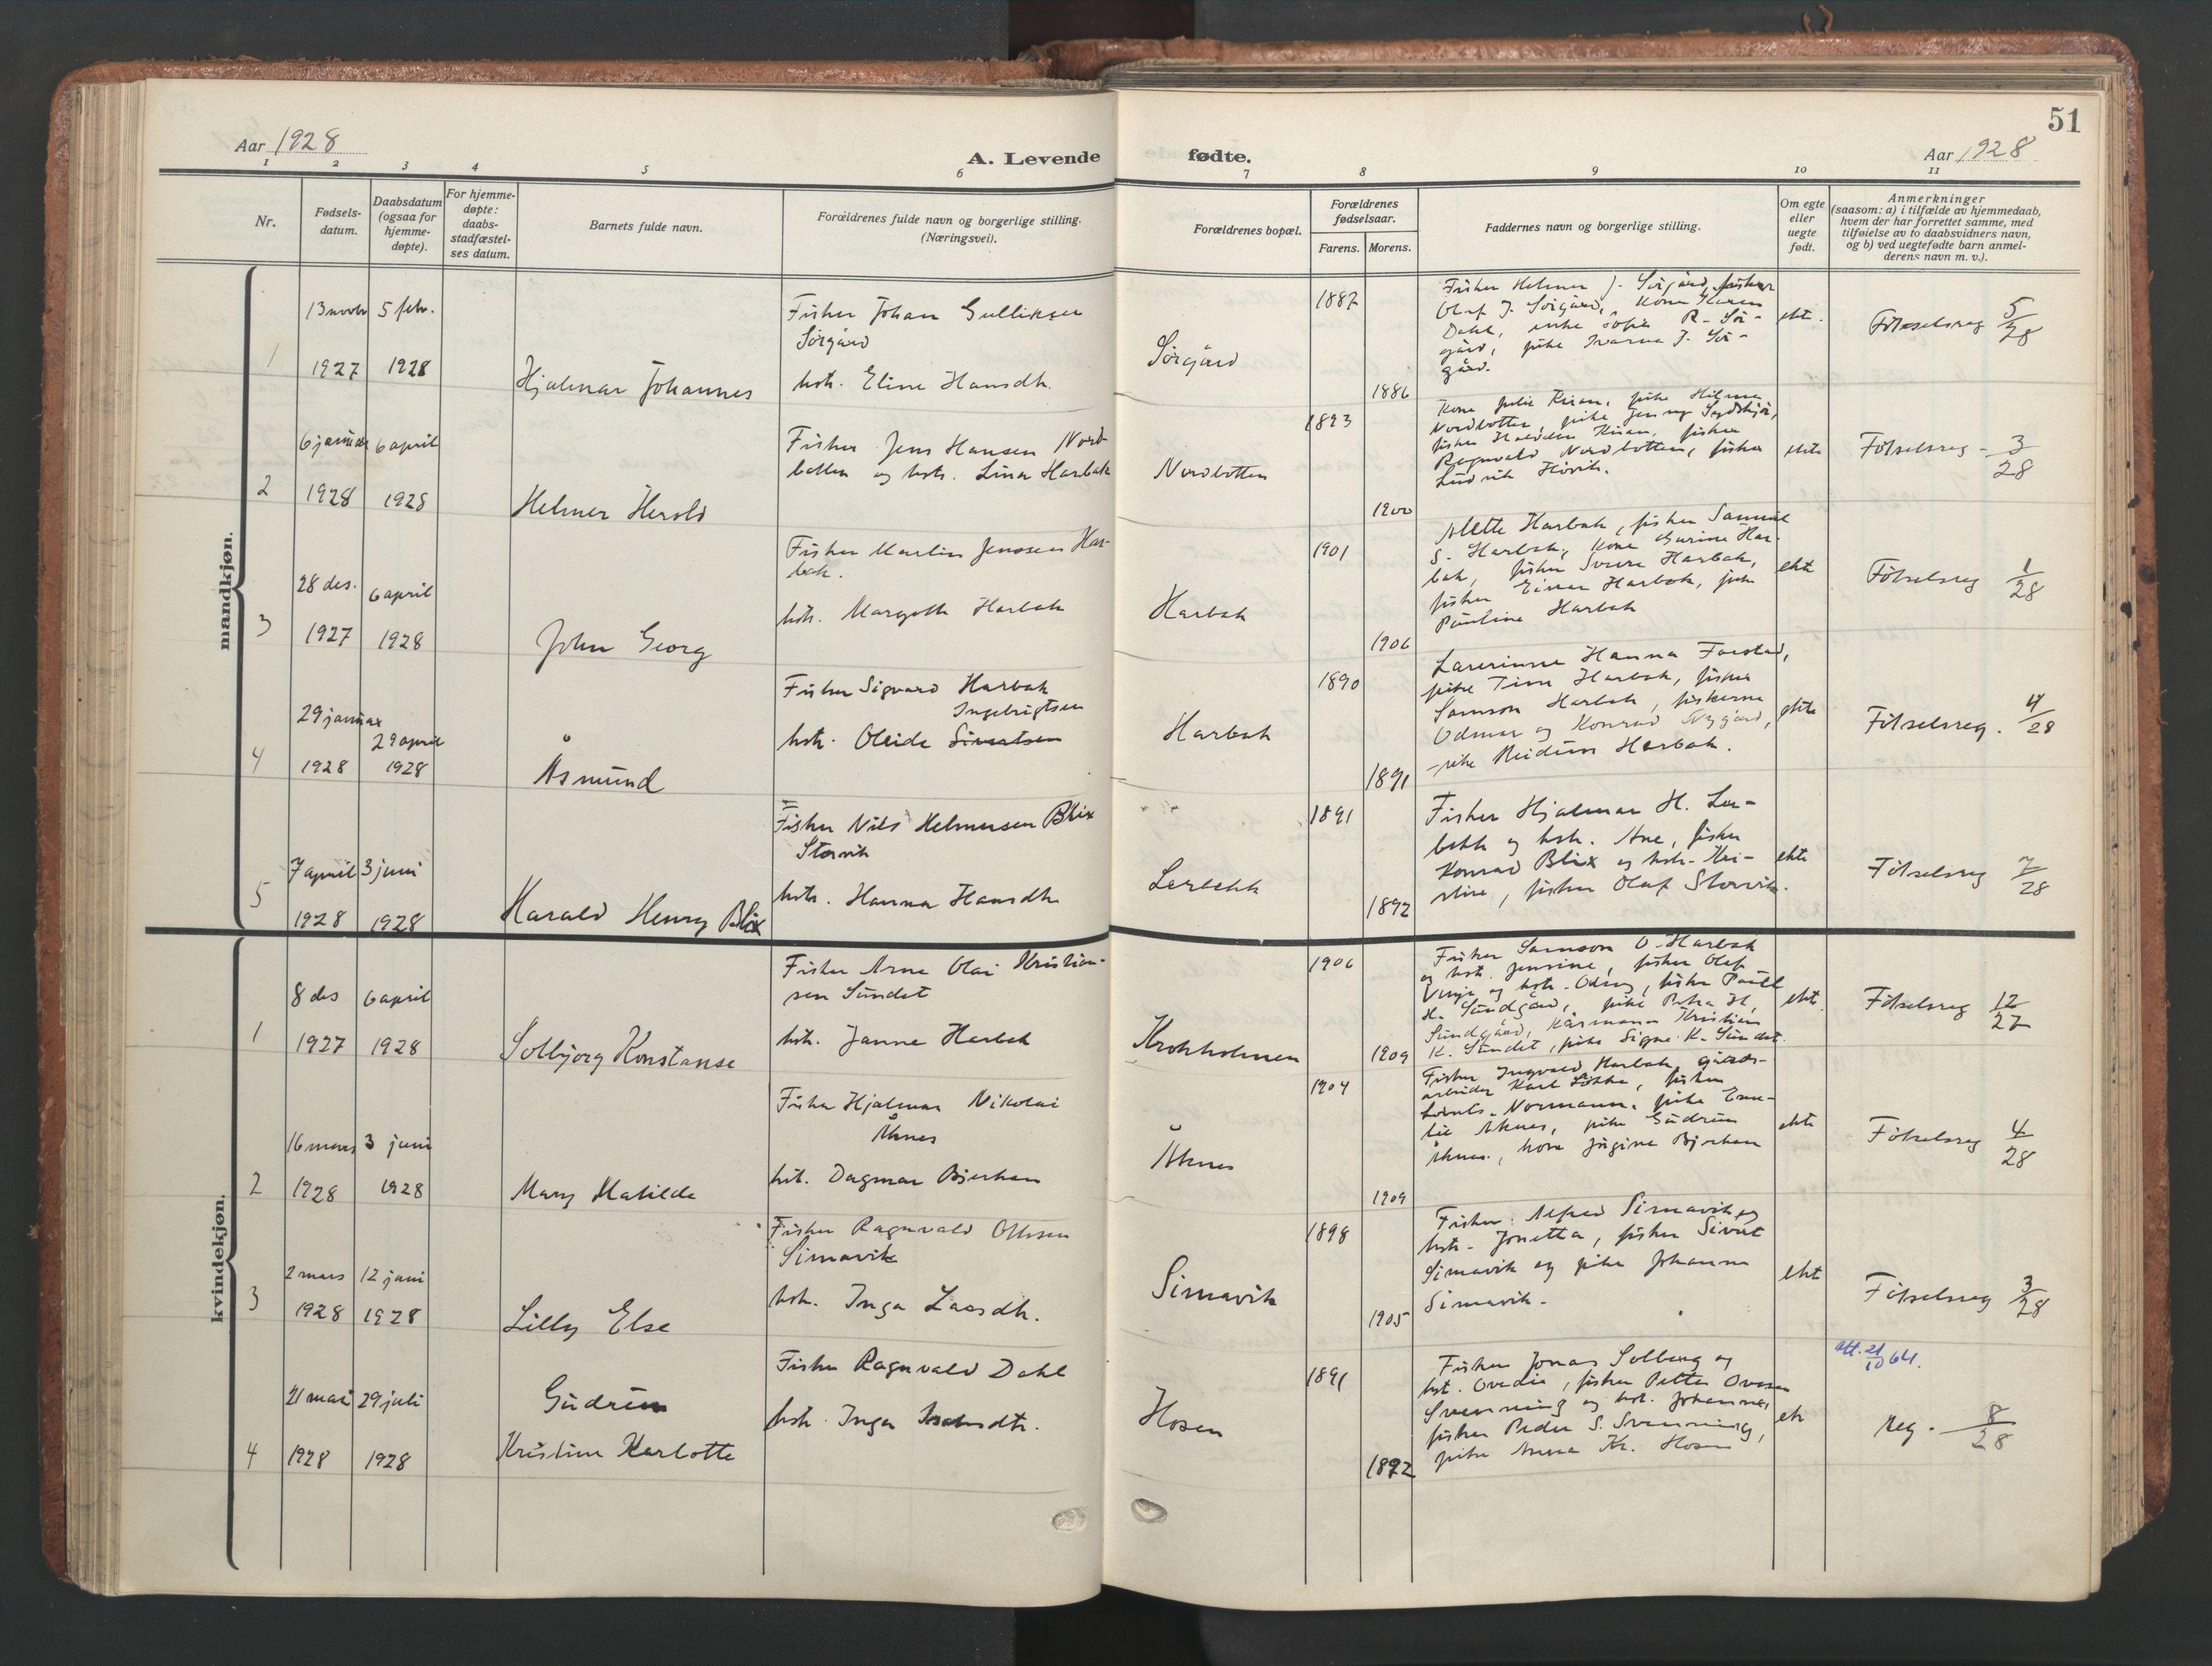 SAT, Ministerialprotokoller, klokkerbøker og fødselsregistre - Sør-Trøndelag, 656/L0694: Ministerialbok nr. 656A03, 1914-1931, s. 51